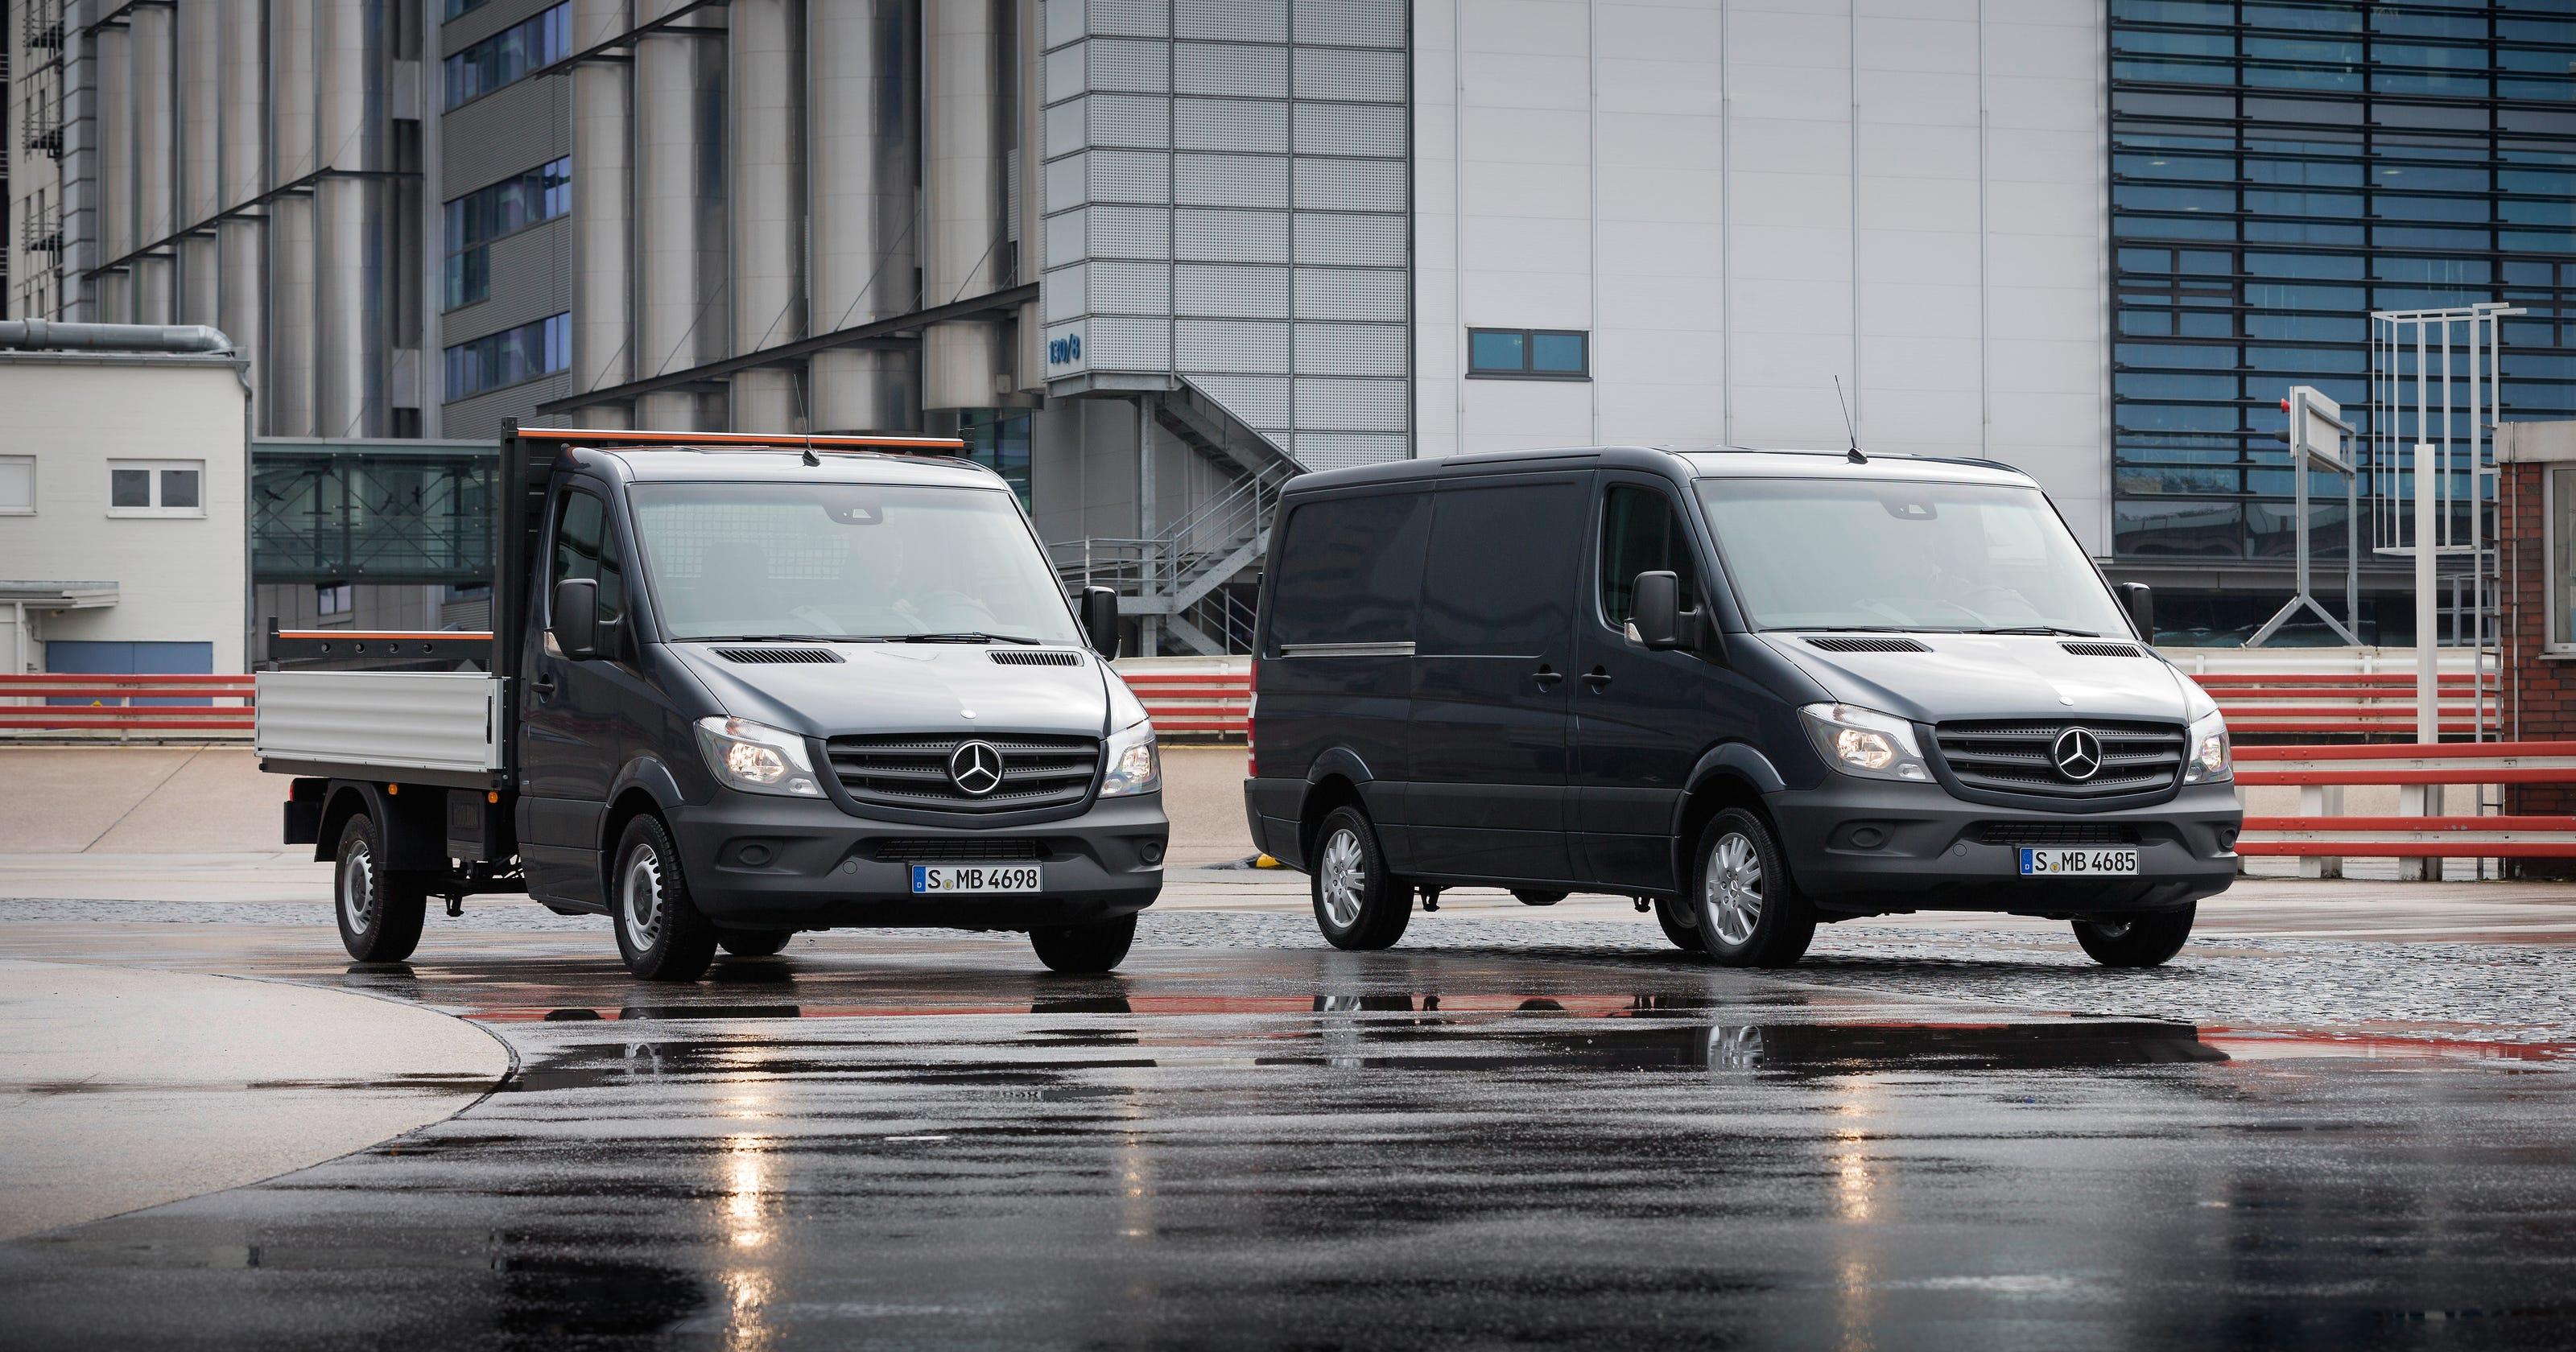 Mercedes-Benz to build Sprinter van plant in S C